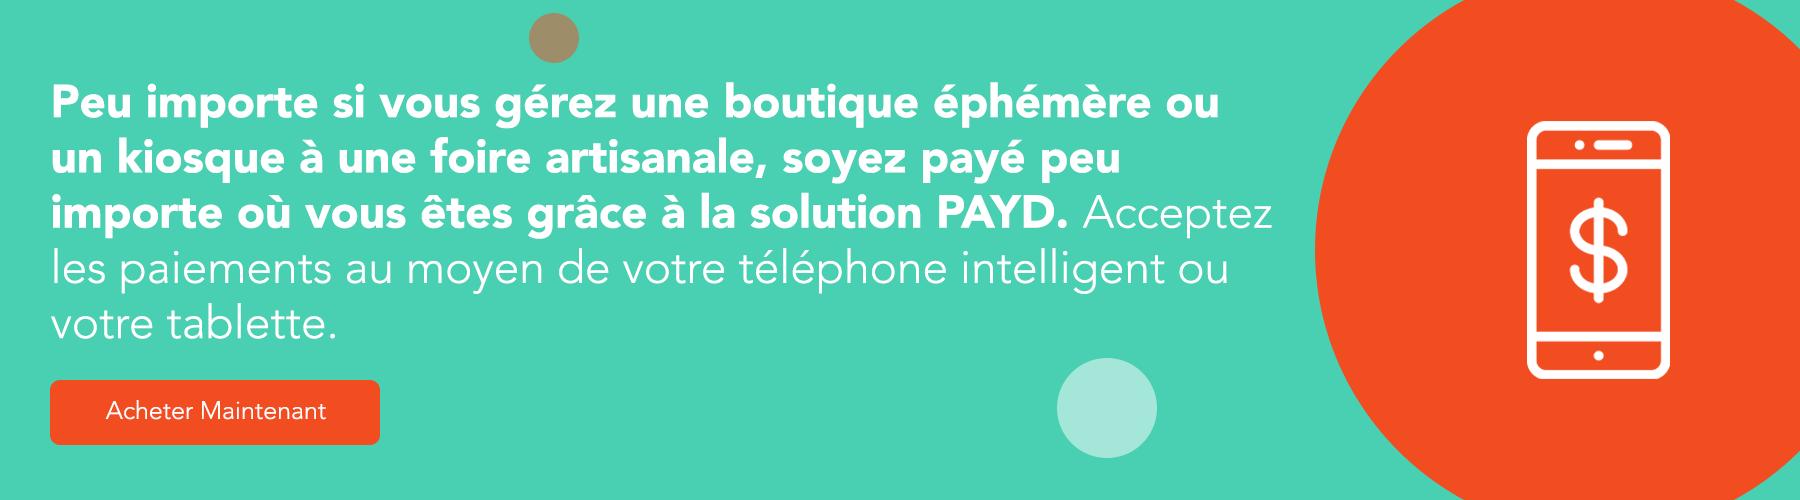 Peu importe si vous gérez une boutique éphémère ou un kiosque à une foire artisanale, soyez payé peu importe où vous êtes grâce à la solution PAYD. Acceptez les paiements au moyen de votre téléphone intelligent ou votre tablette. Commandez maintenant.